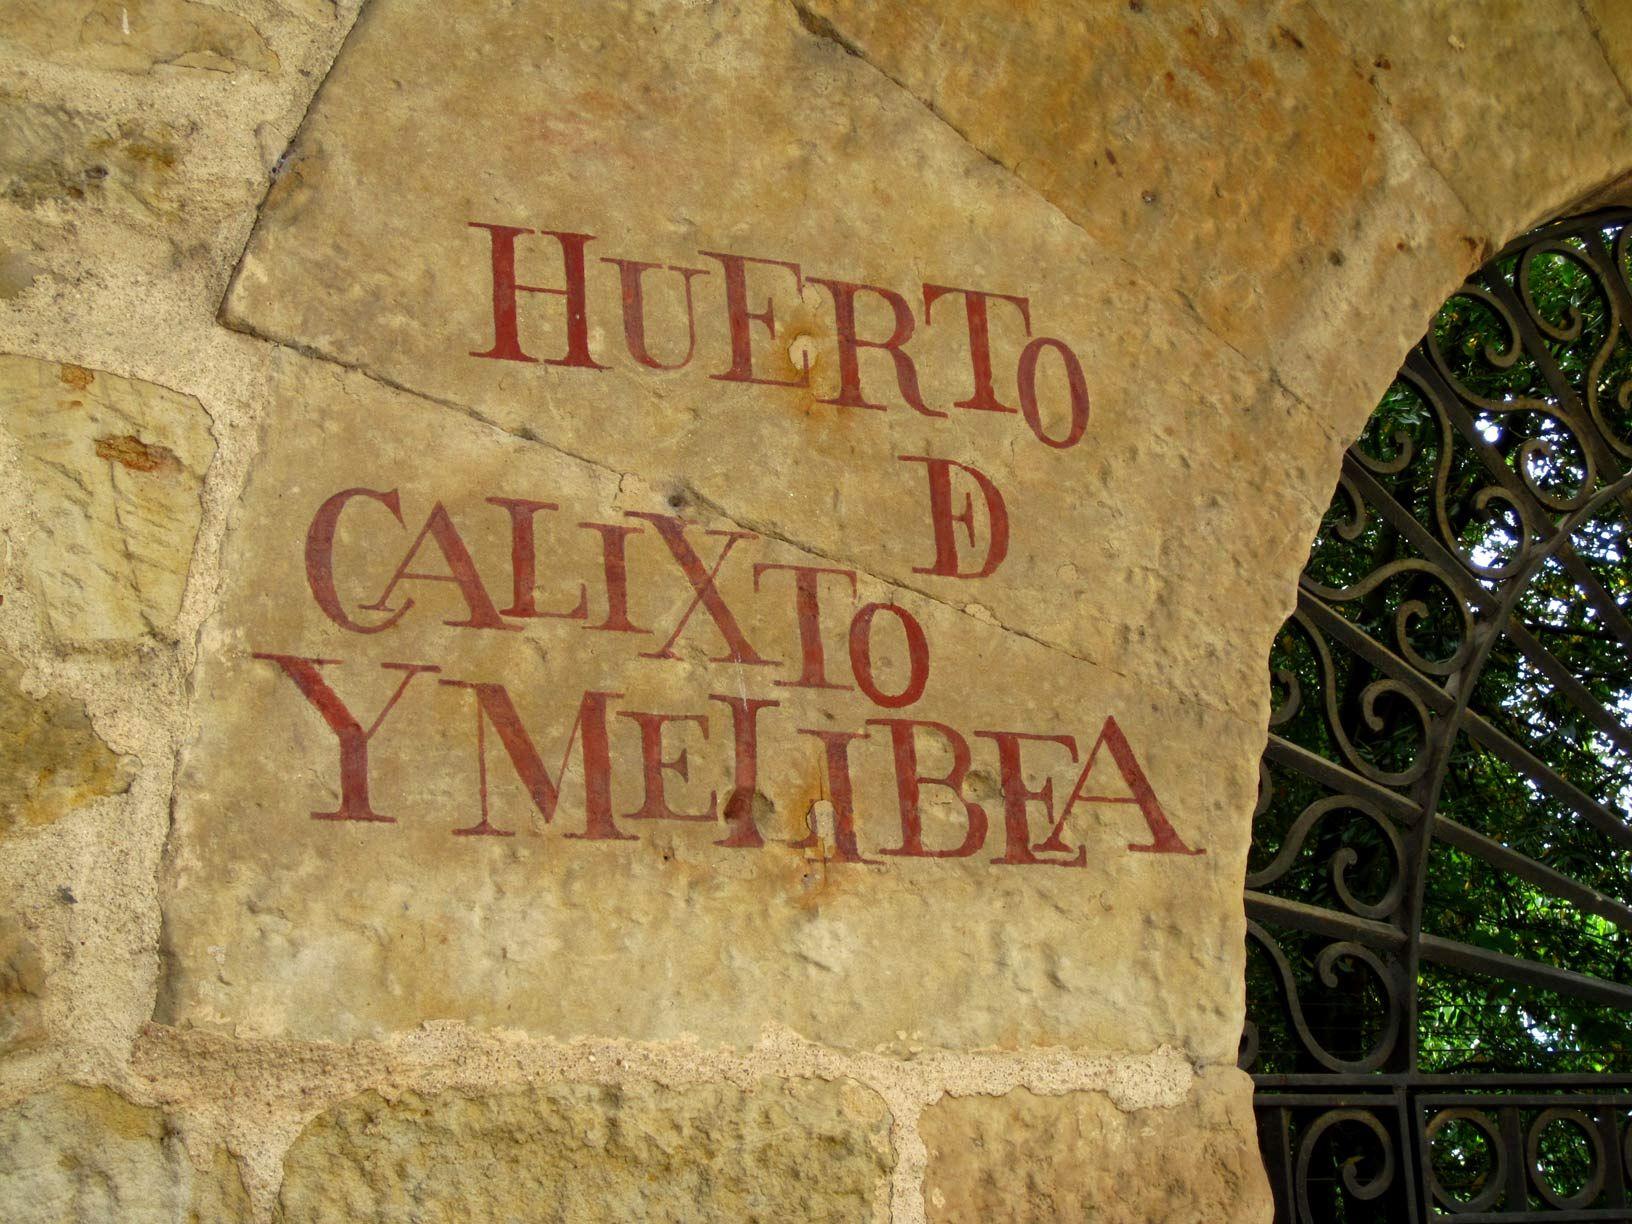 Huerto de calixto y melibea salamanca huerto y jard n pinterest salamanca huerto y espa a - Jardin de calisto y melibea salamanca ...